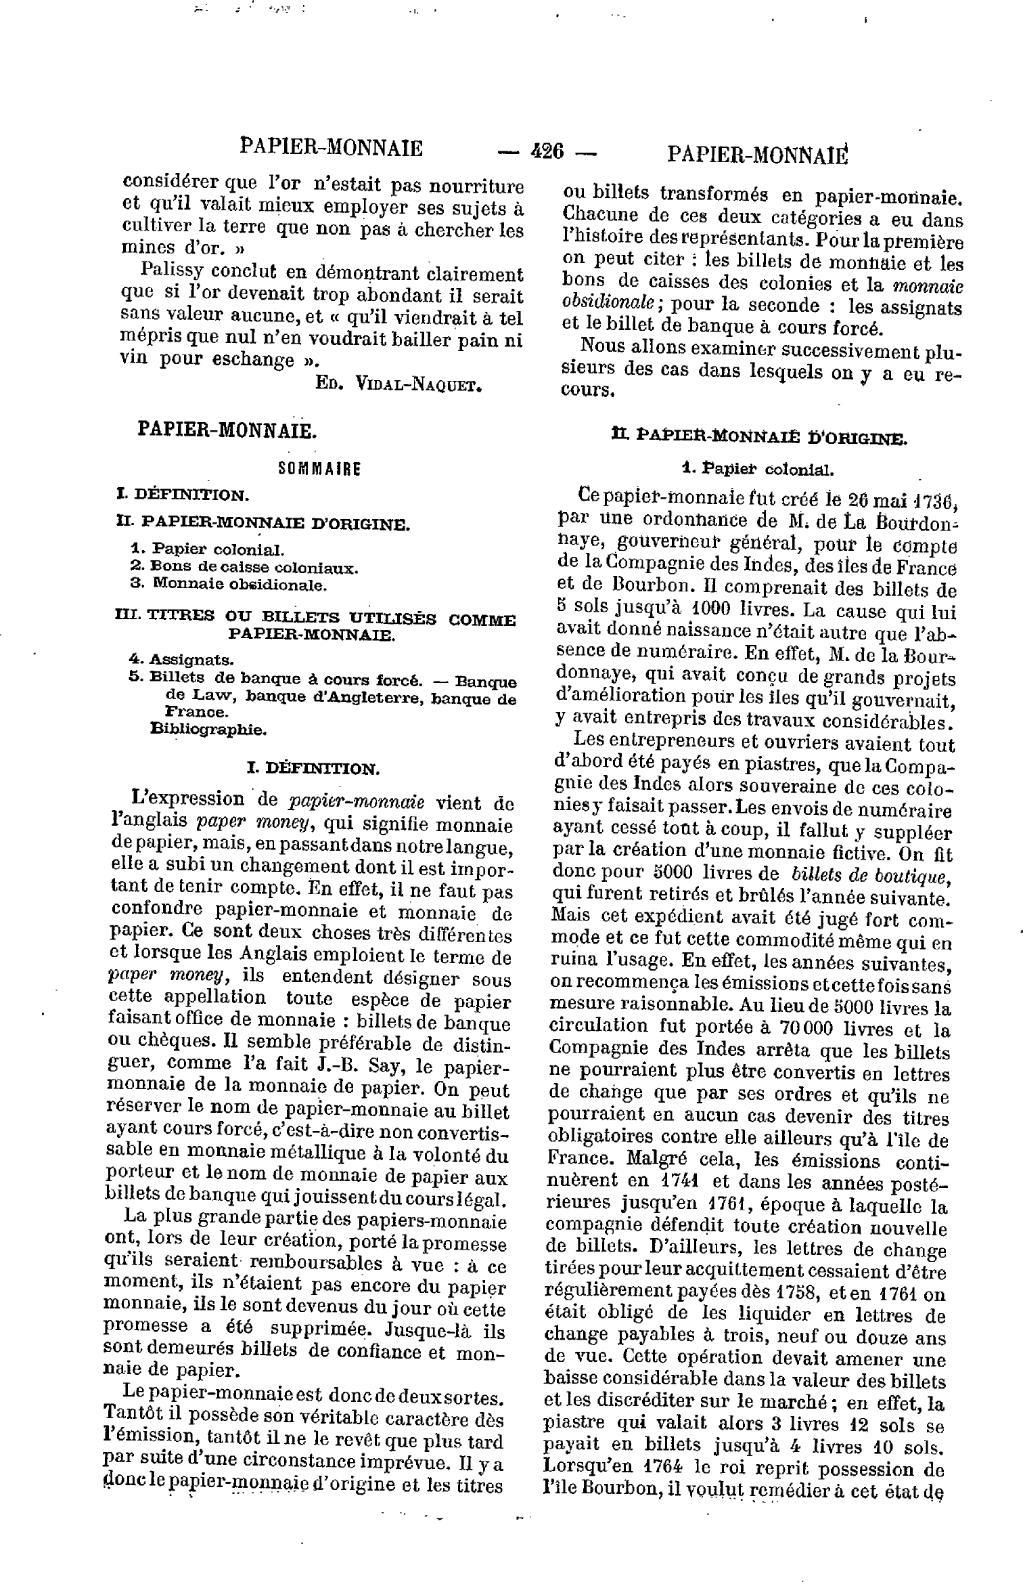 Page:say - Chailley - Nouveau Dictionnaire D'économie dedans Monnaie Fictive